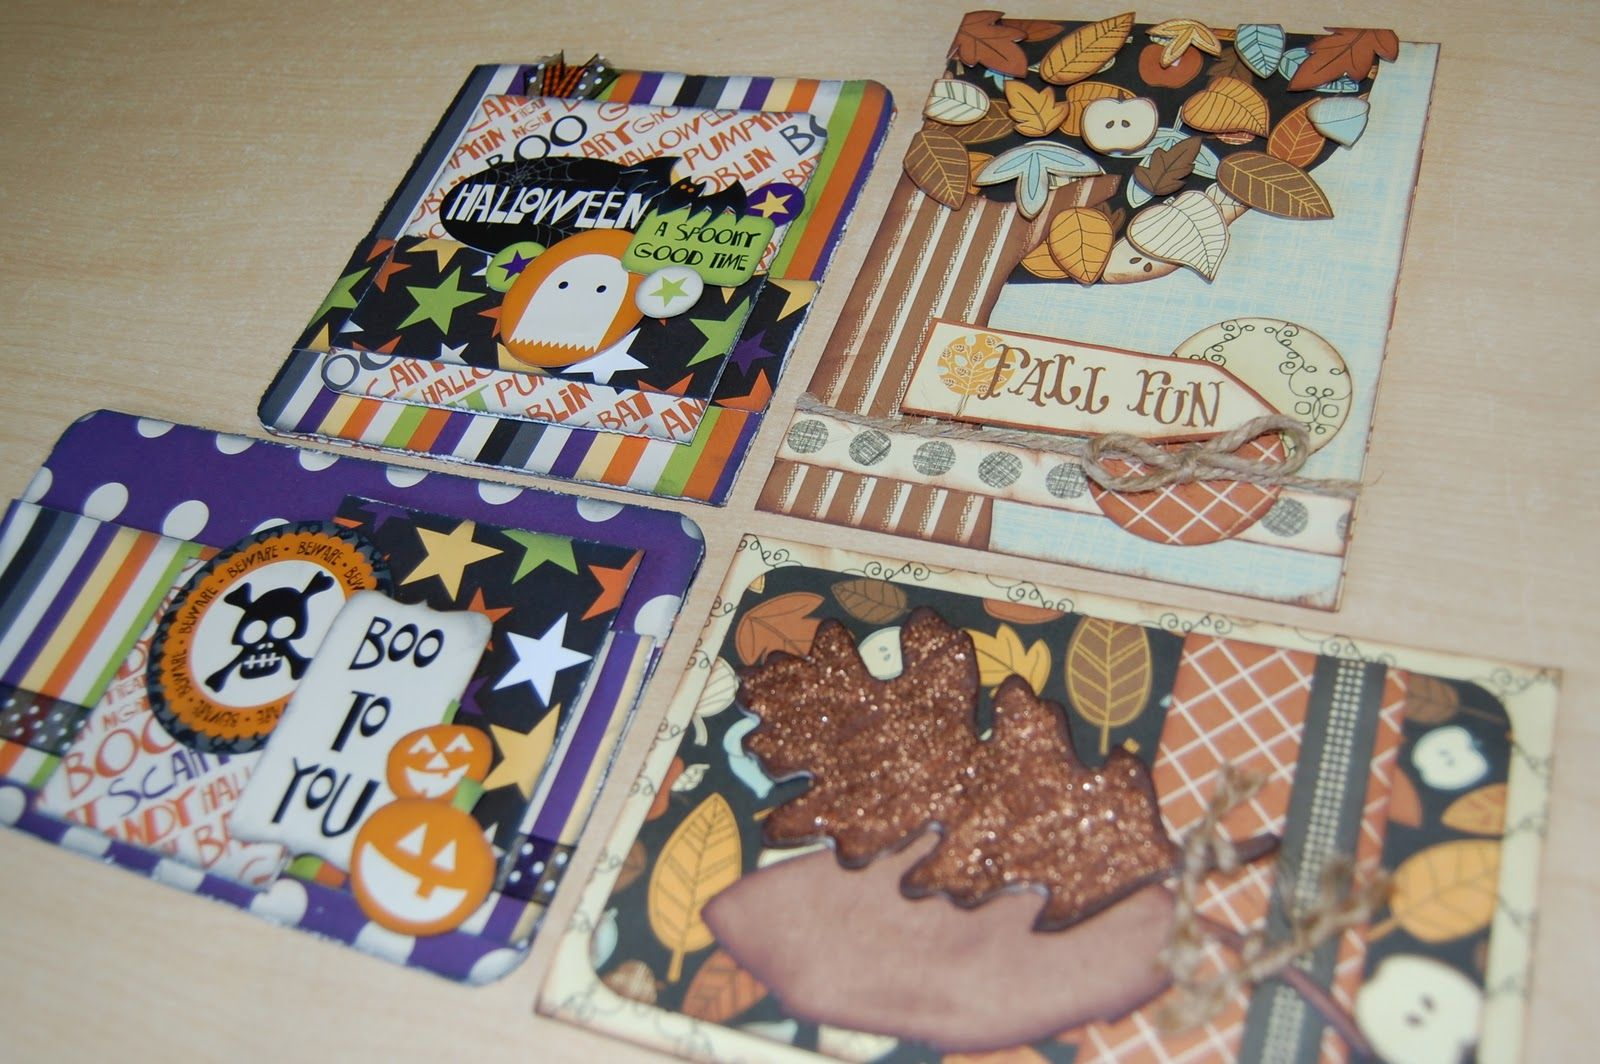 Kit clubs   Card making stamp, Card kit, Scrapbook generation